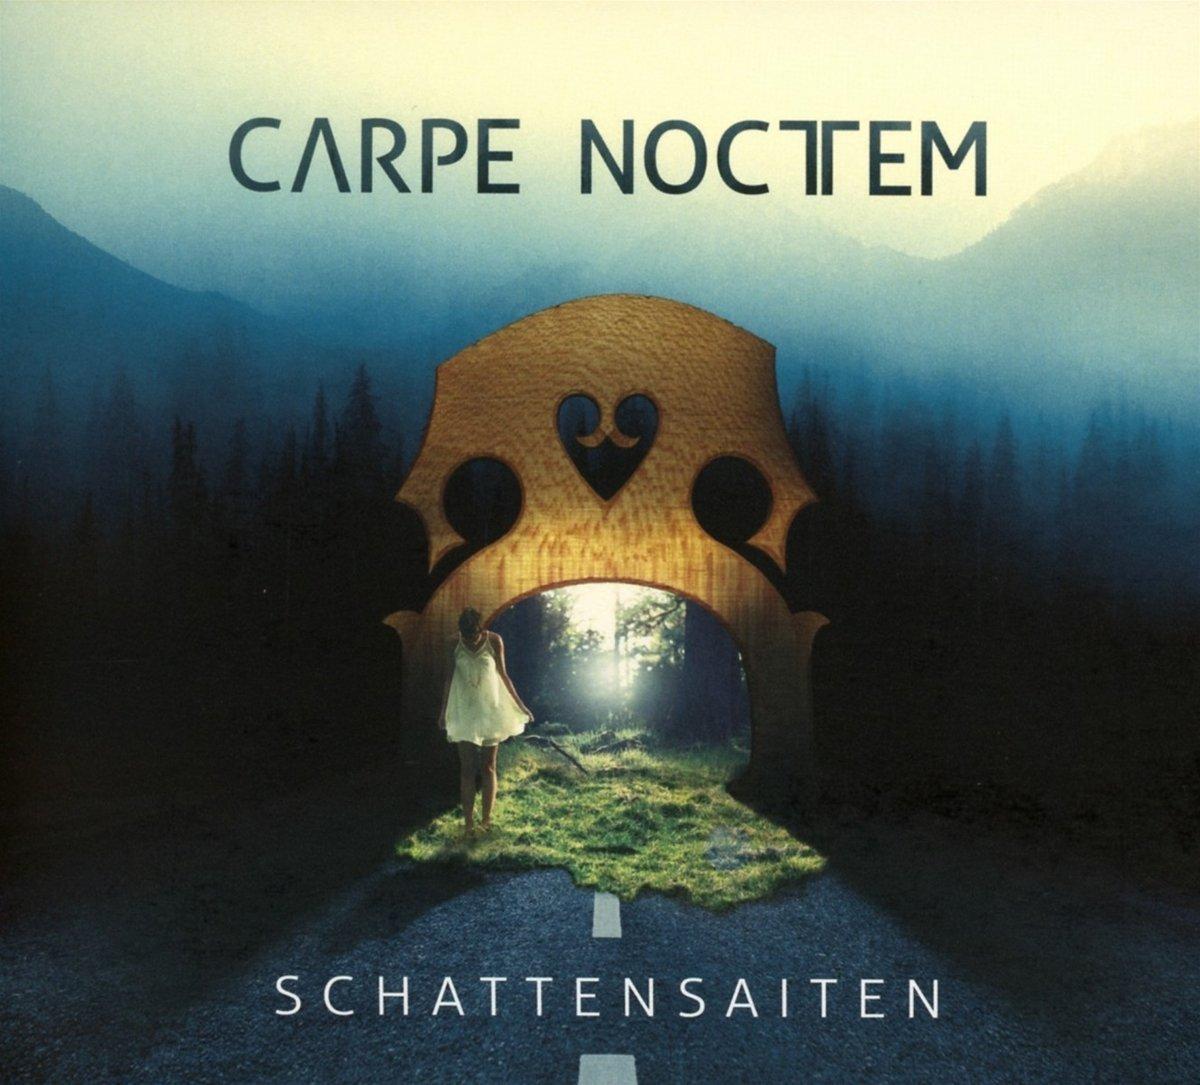 Carpe Noctem_Schattensaiten